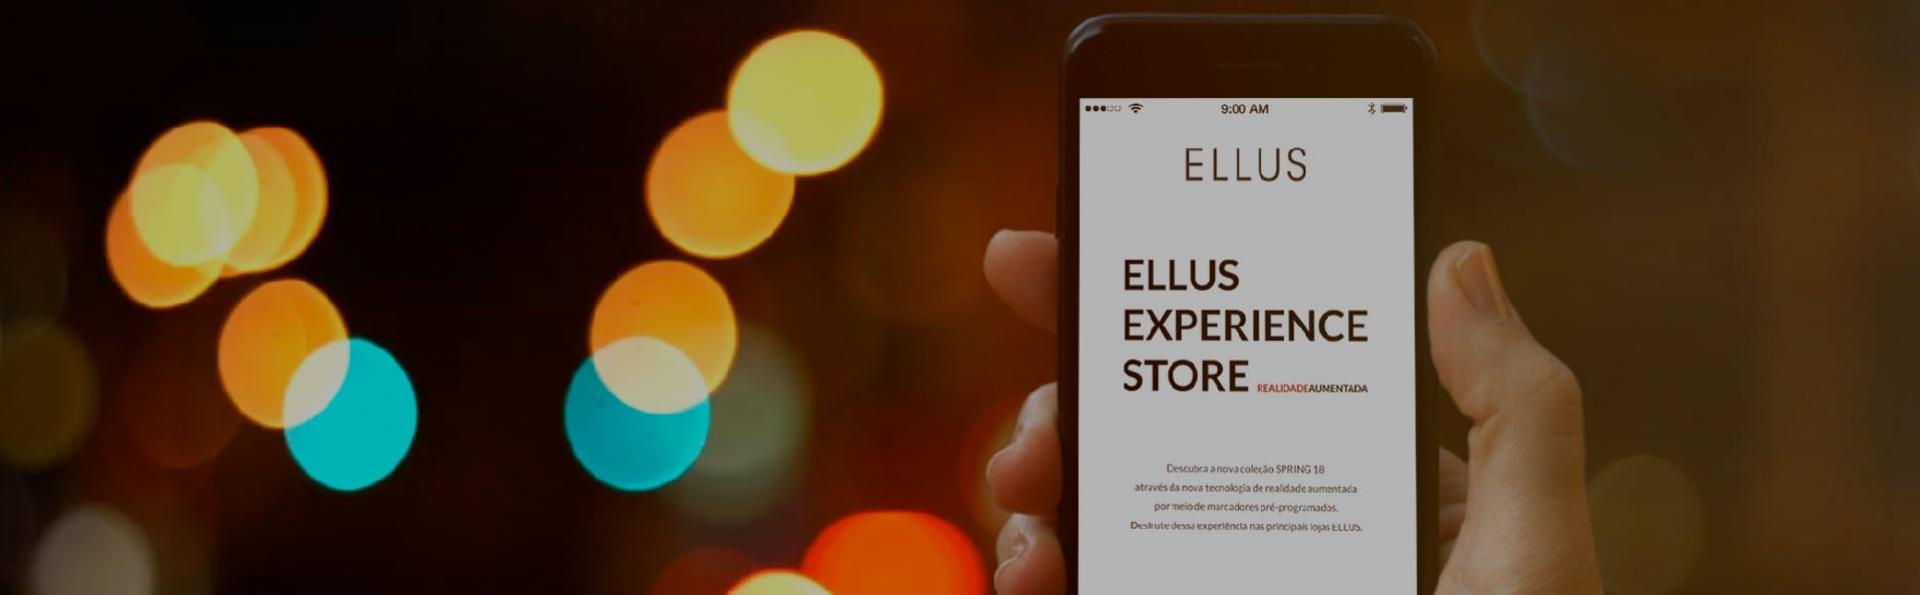 Ellus AR